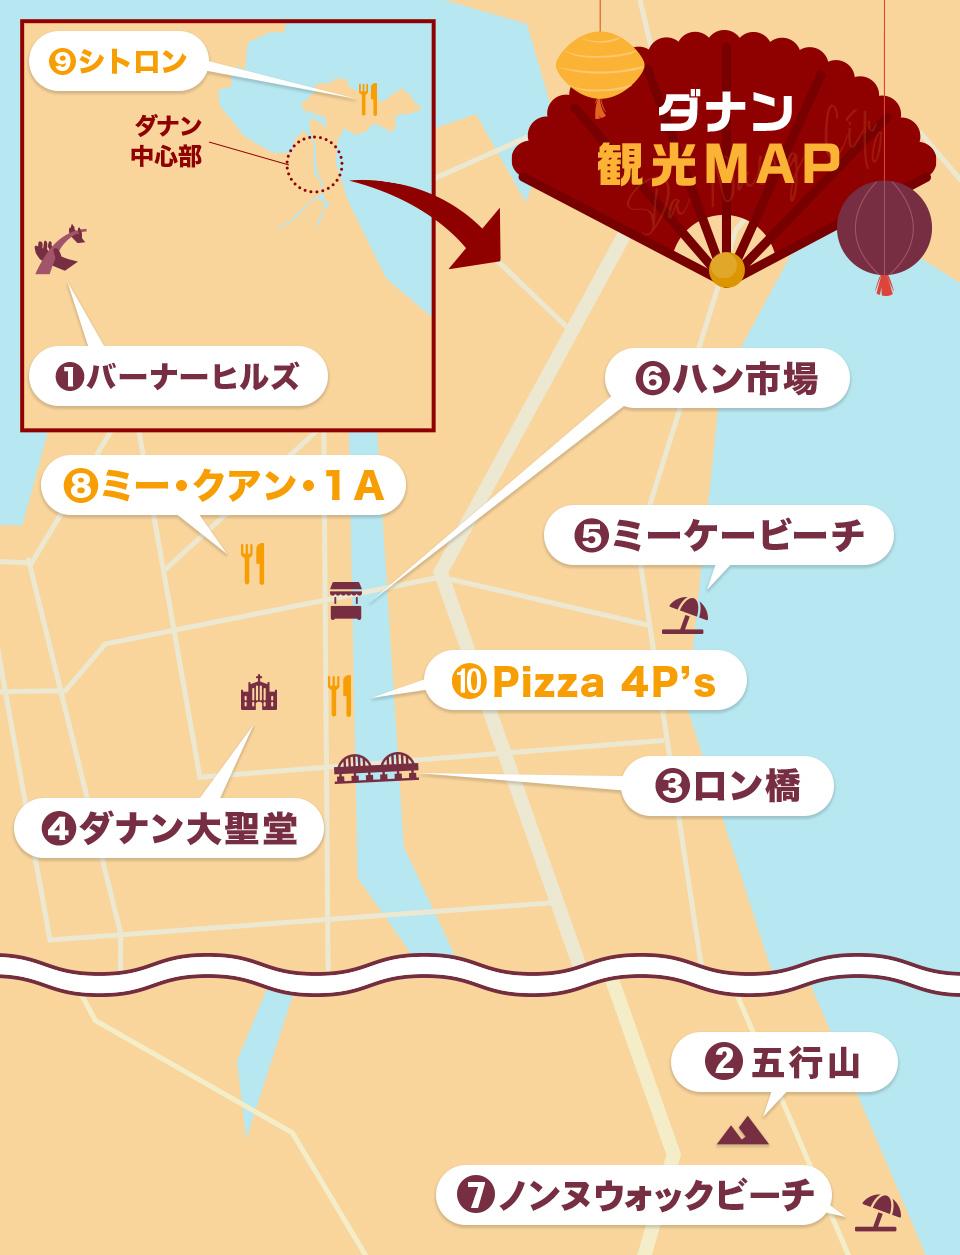 ダナン観光マップ